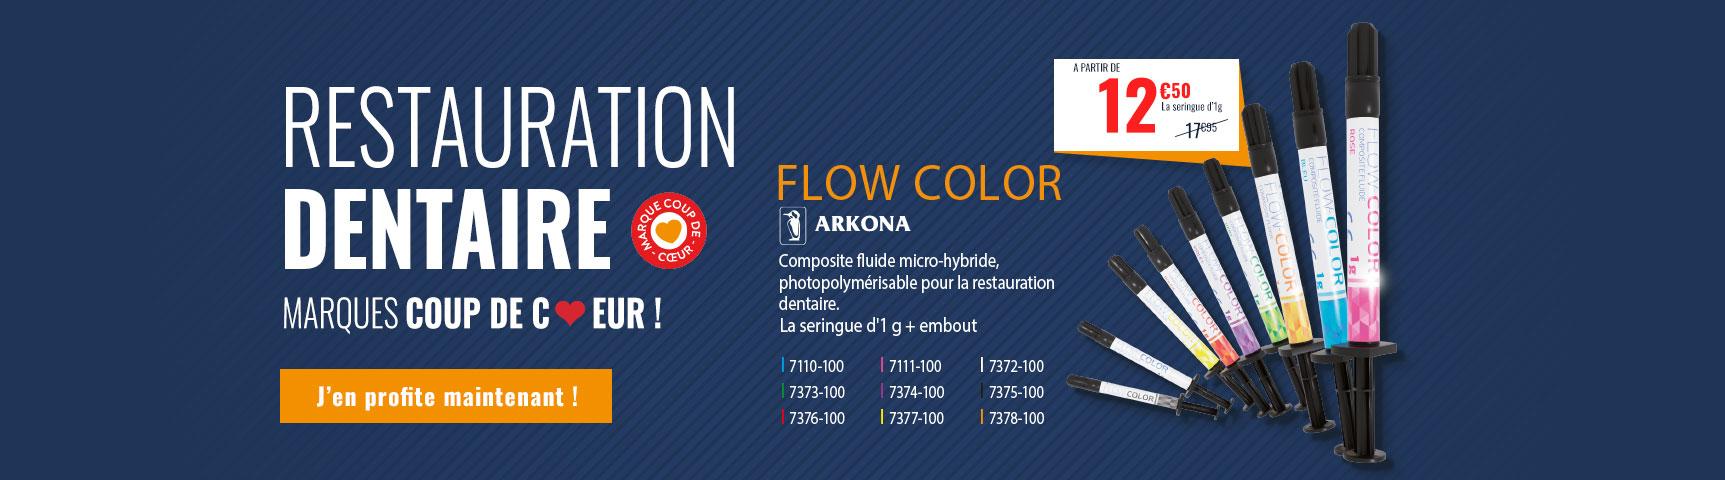 Flow color